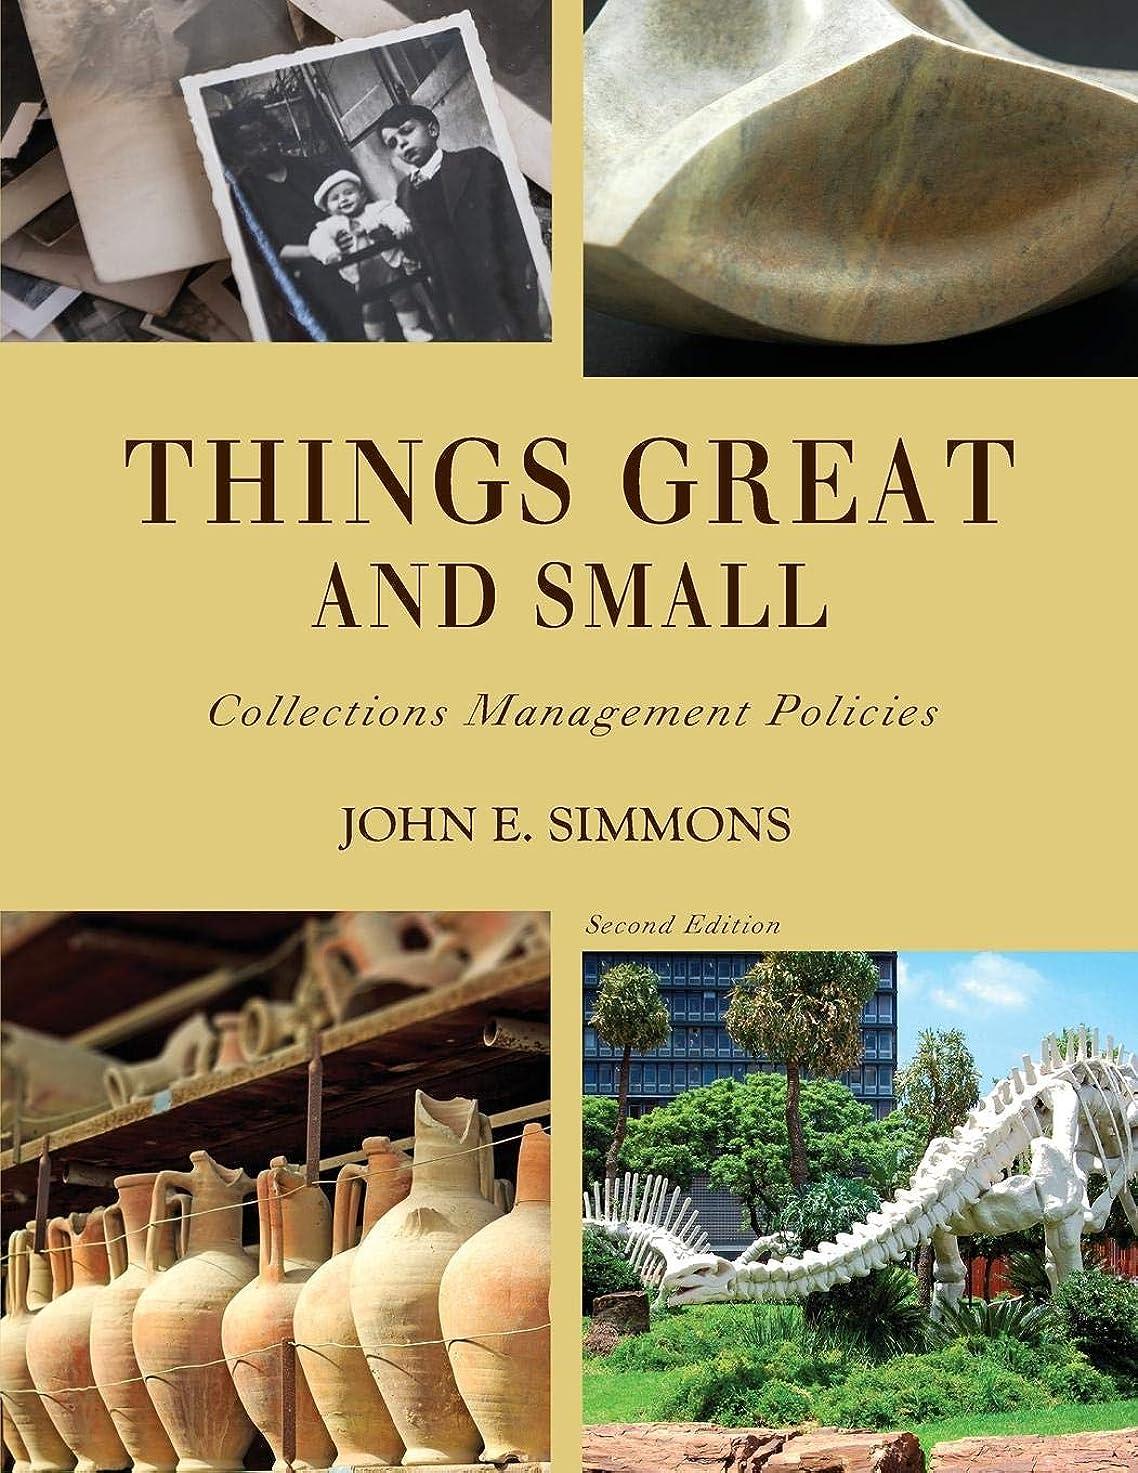 死にかけている比率鉄Nomenclature 4.0 for Museum Cataloging: Robert G. Chenhall's System for Classifying Cultural Objects (American Association for State and Local History)